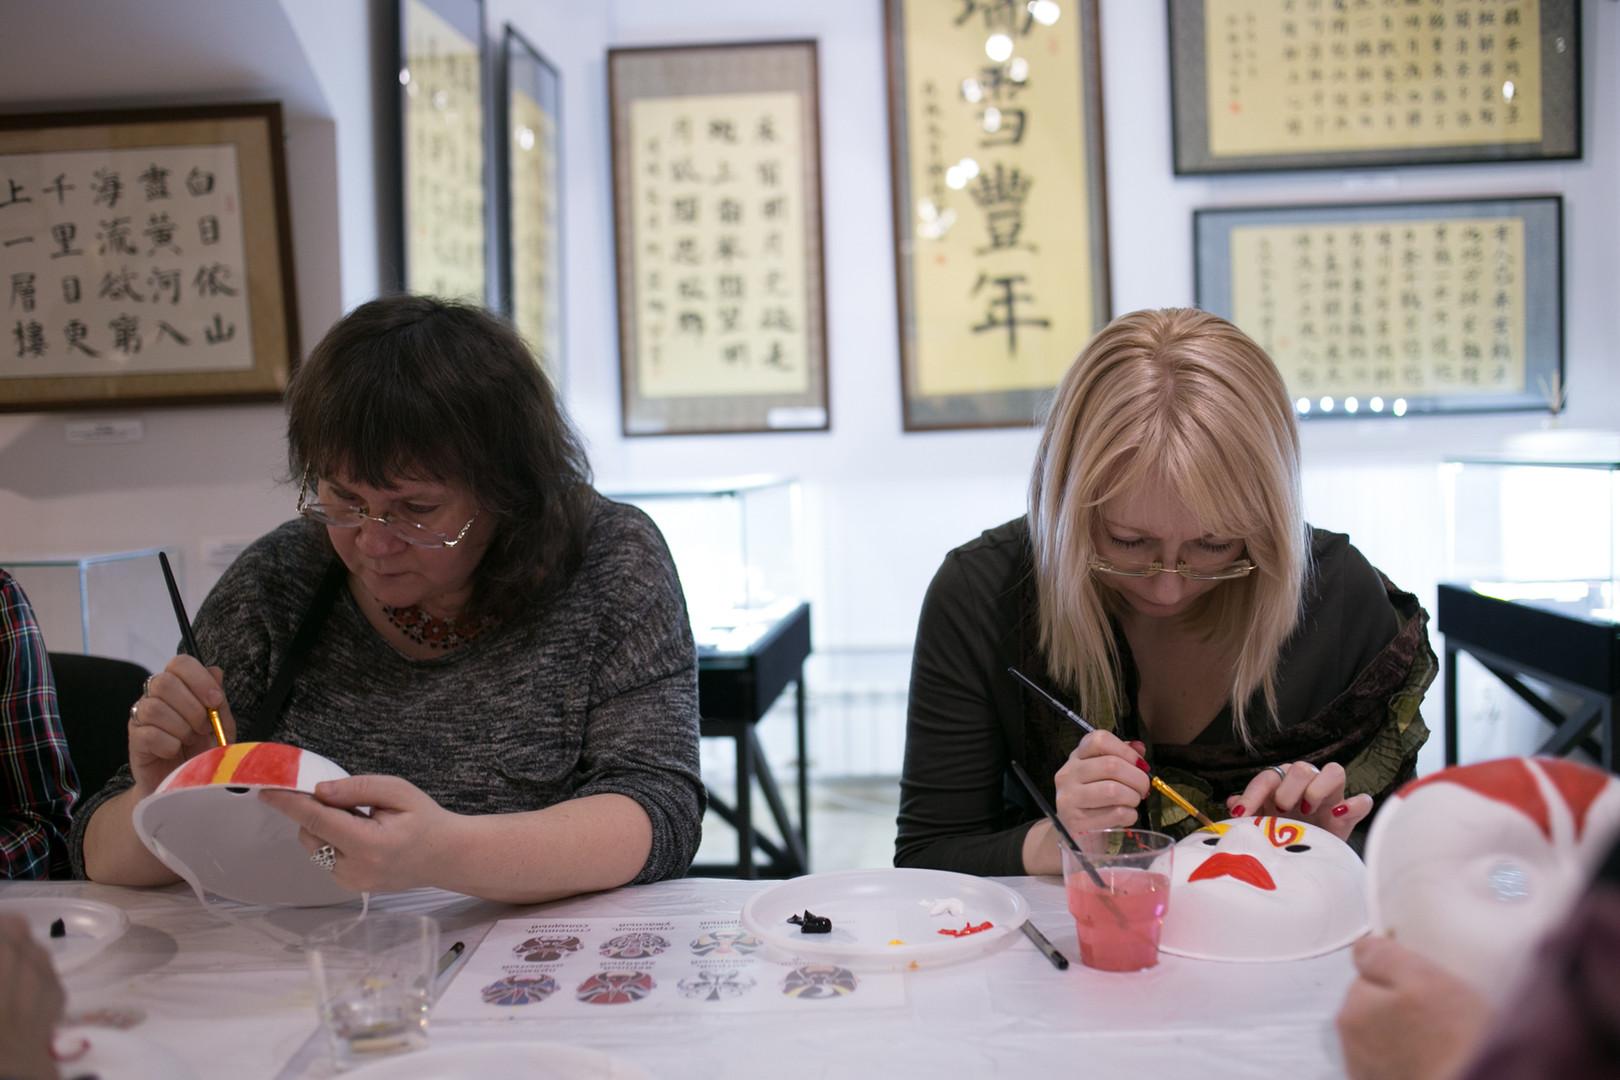 МК по росписи китайских масок.jpg